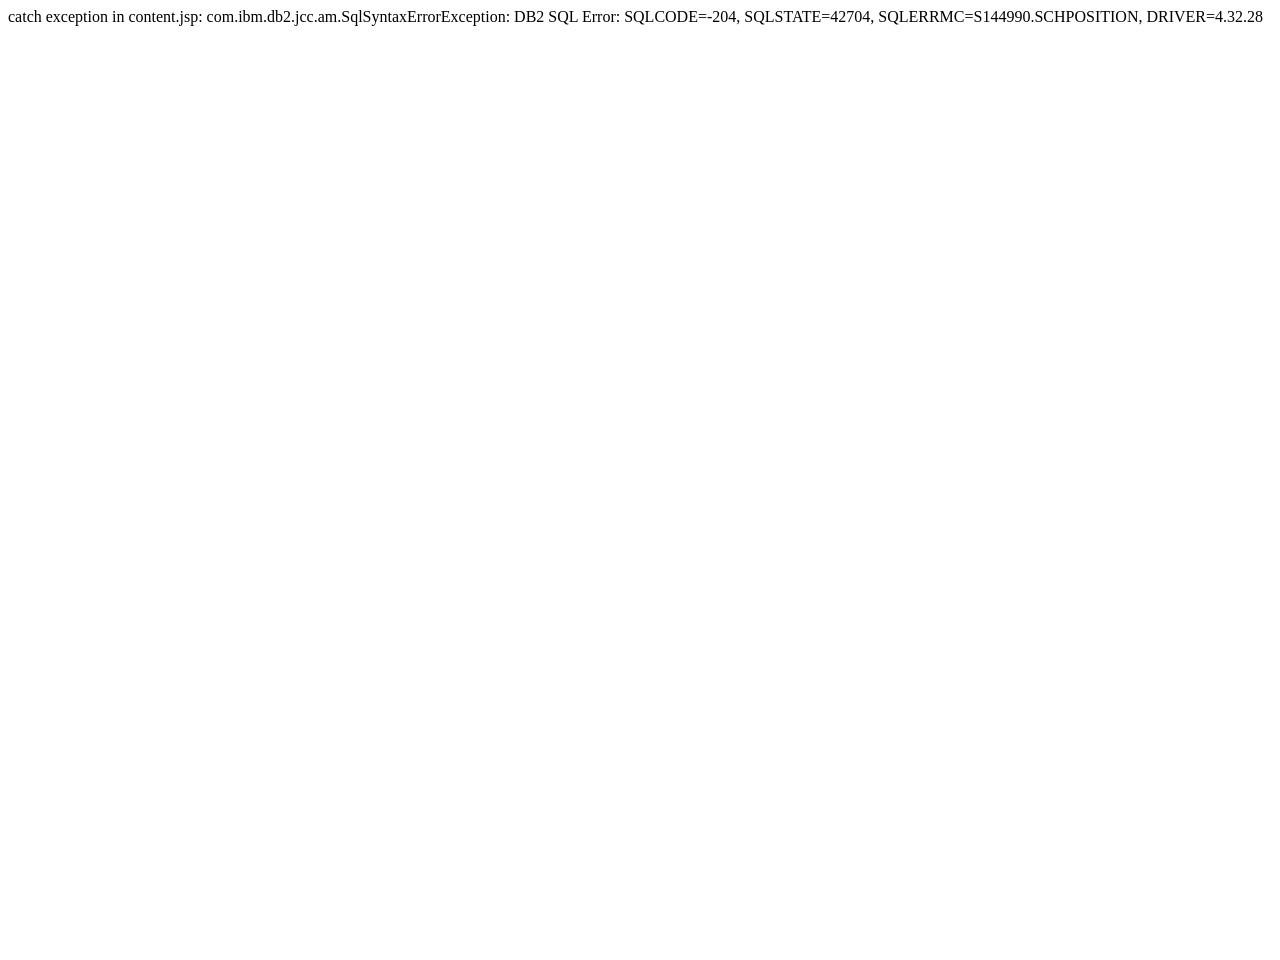 再次公告「新北市109學年度『海洋科普繪本創作』」徵選活動,因應嚴重特殊傳染性肺炎疫情將延後收件日期至110年10月30日止,歡迎各校踴躍報名!